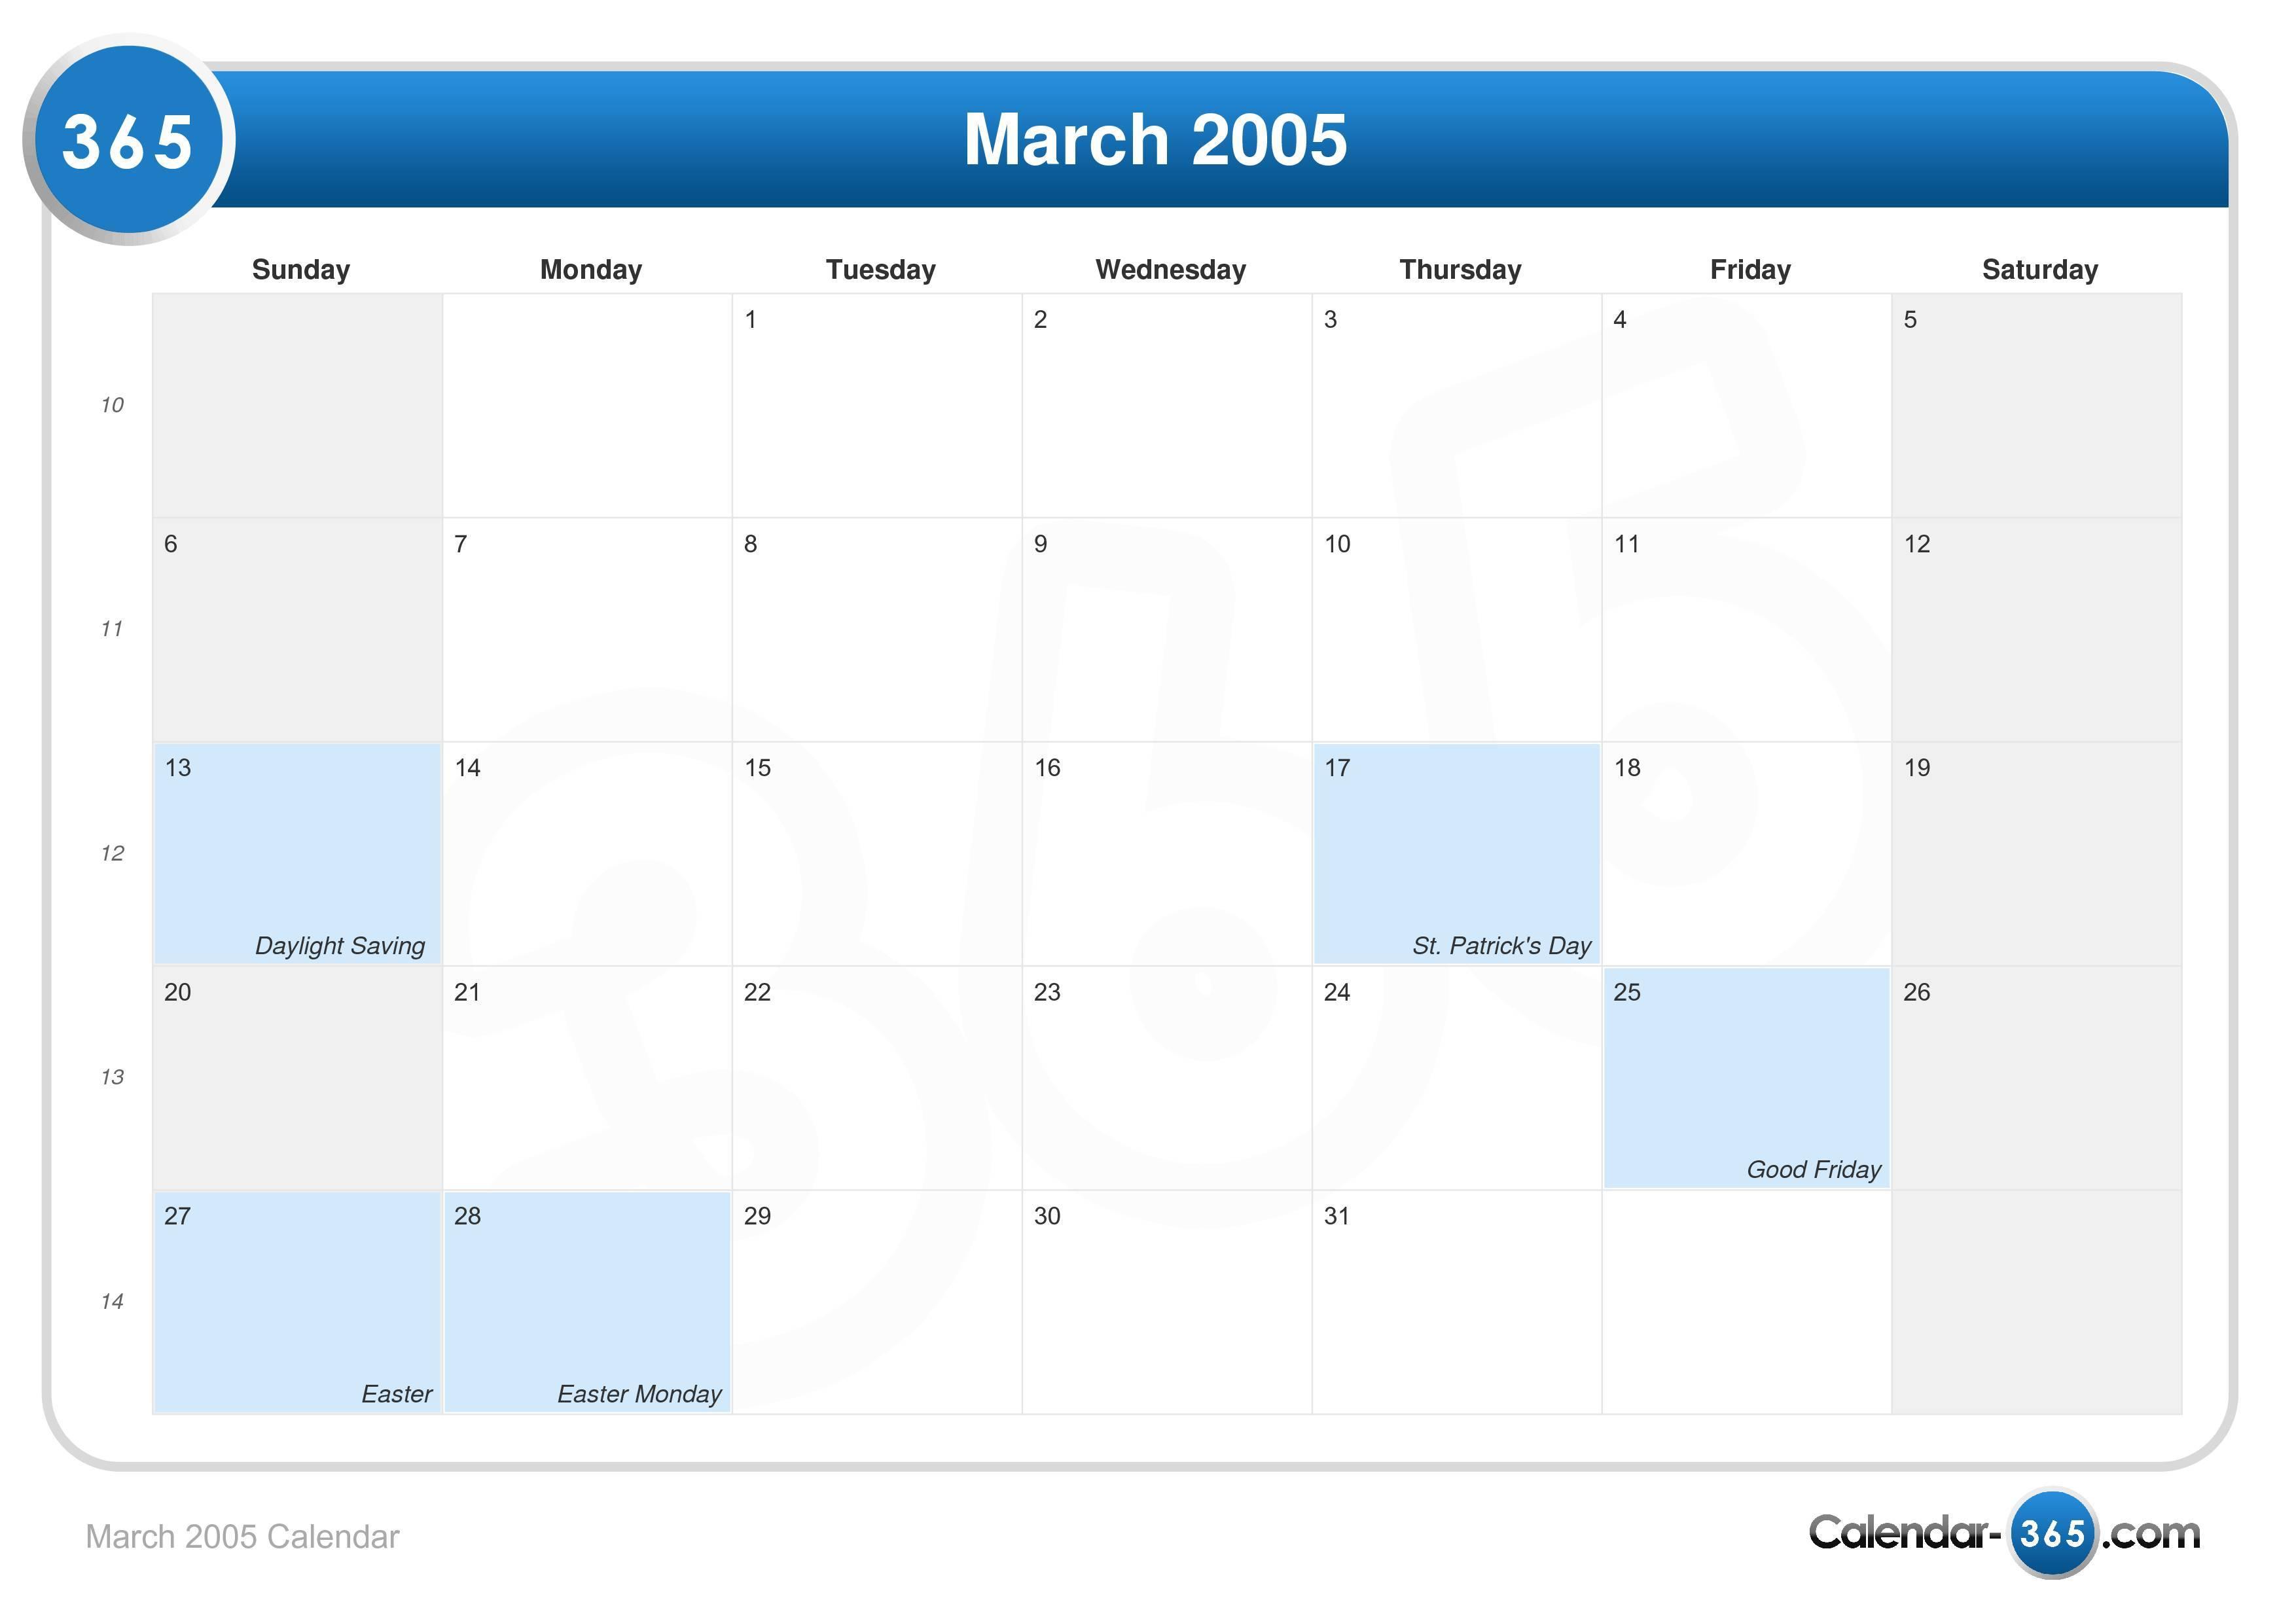 March 2005 Calendar